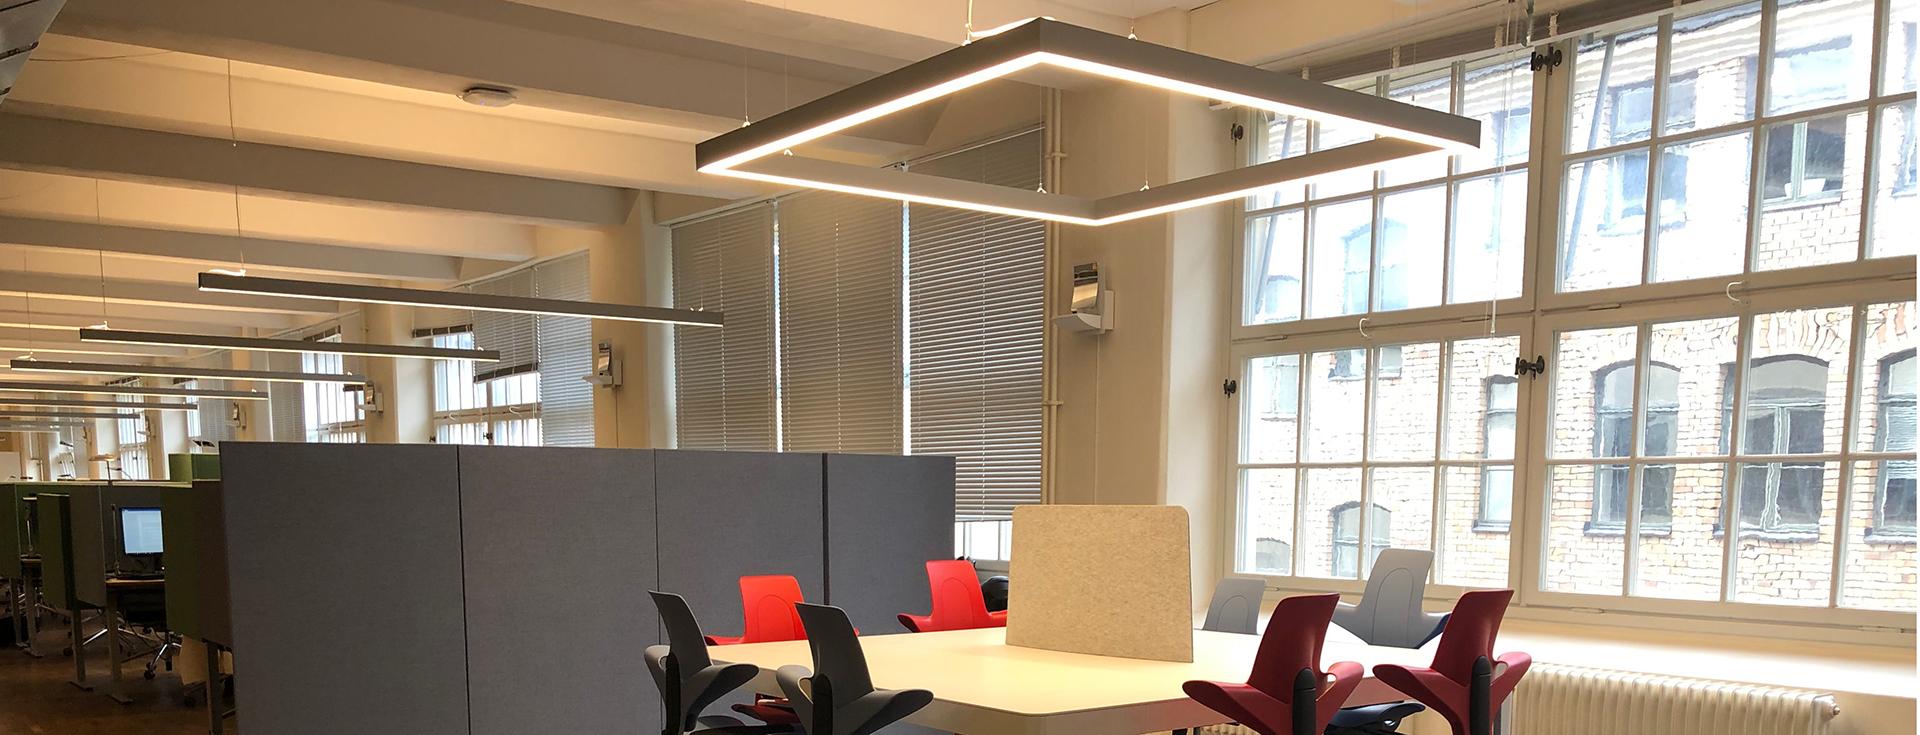 Deloitte-kontor-med-ILO-ny-3